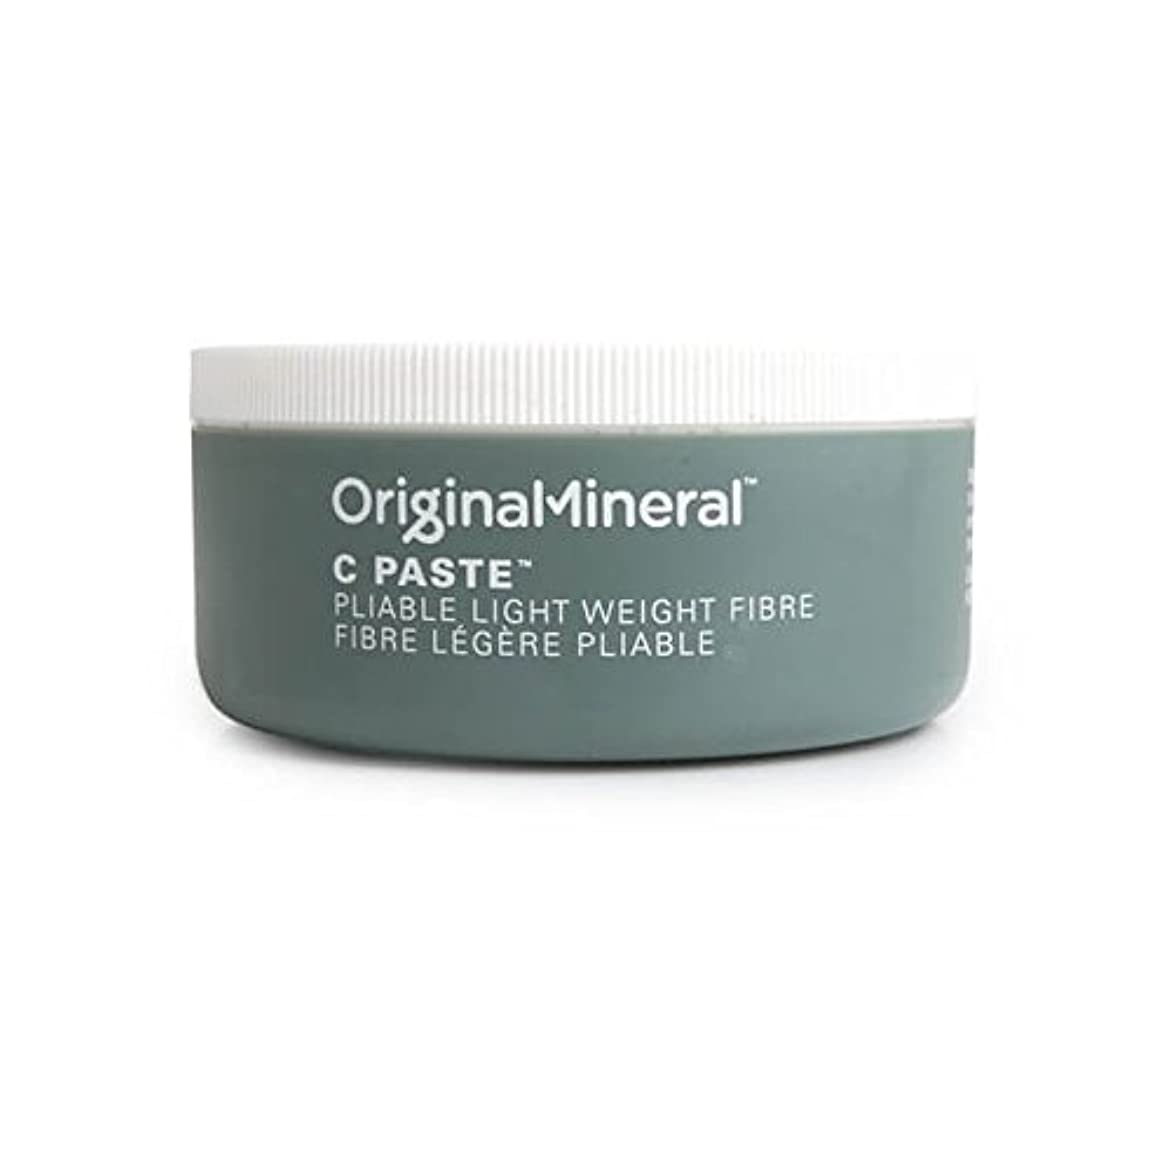 葡萄アナリスト禁止するオリジナル&ミネラルの-ペーストヘアワックス(100グラム) x4 - Original & Mineral C-Paste Hair Wax (100G) (Pack of 4) [並行輸入品]